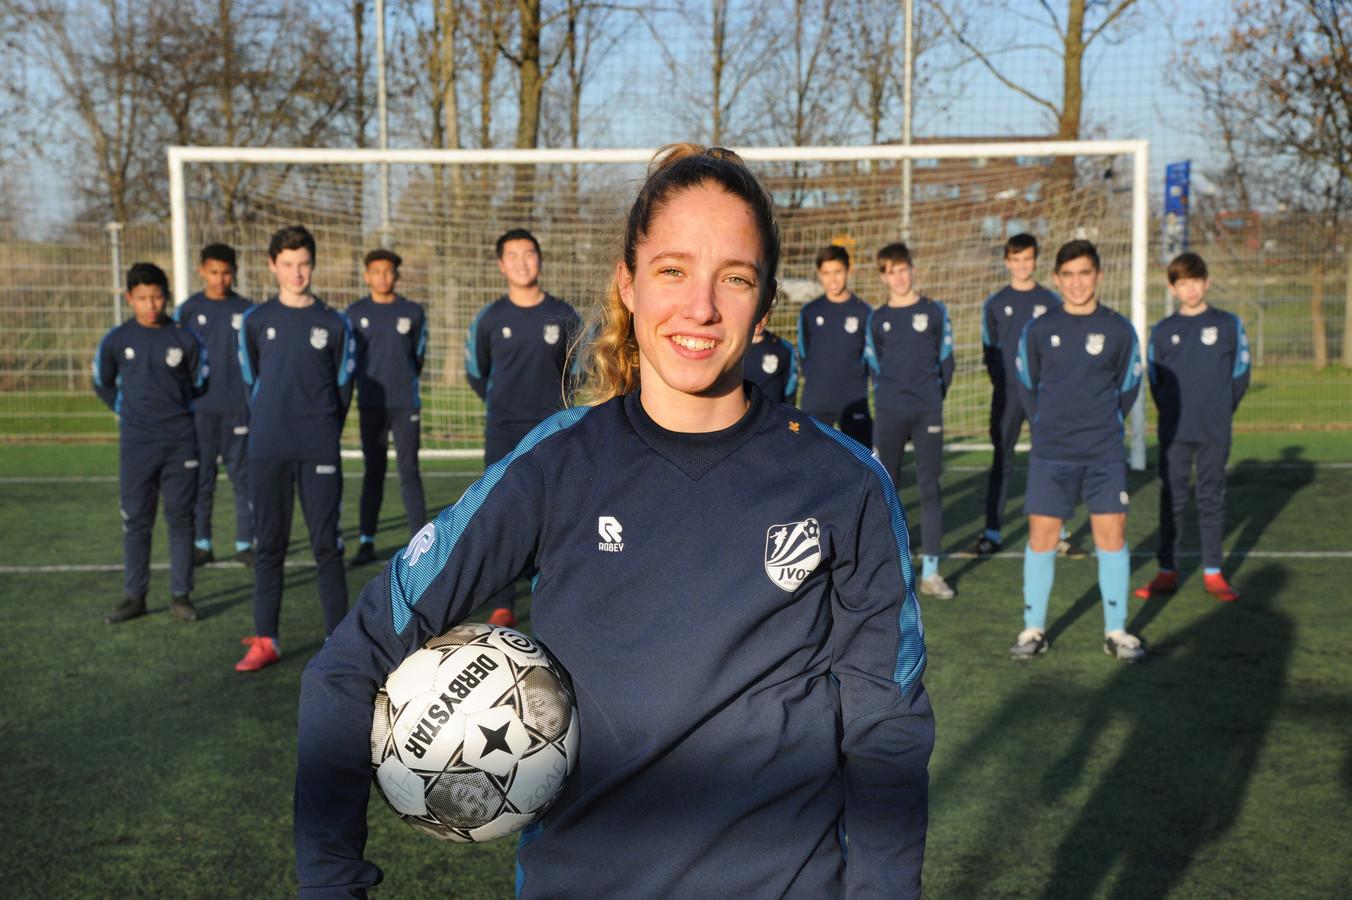 Danique Tolhoek tekende als invalster voor haar eerste officiële doelpunt als jeugdinternational.